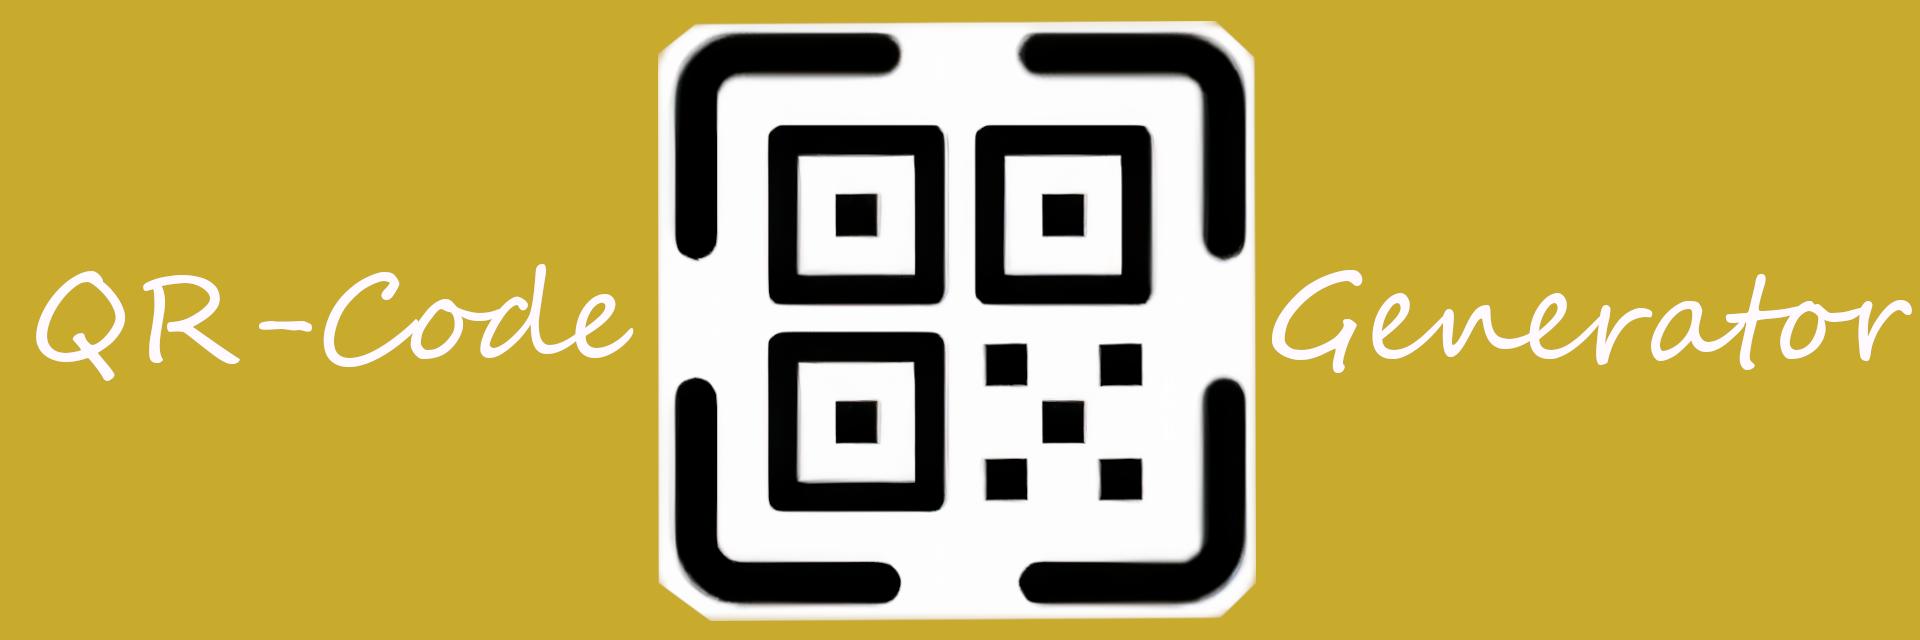 QR-Code Generator banner